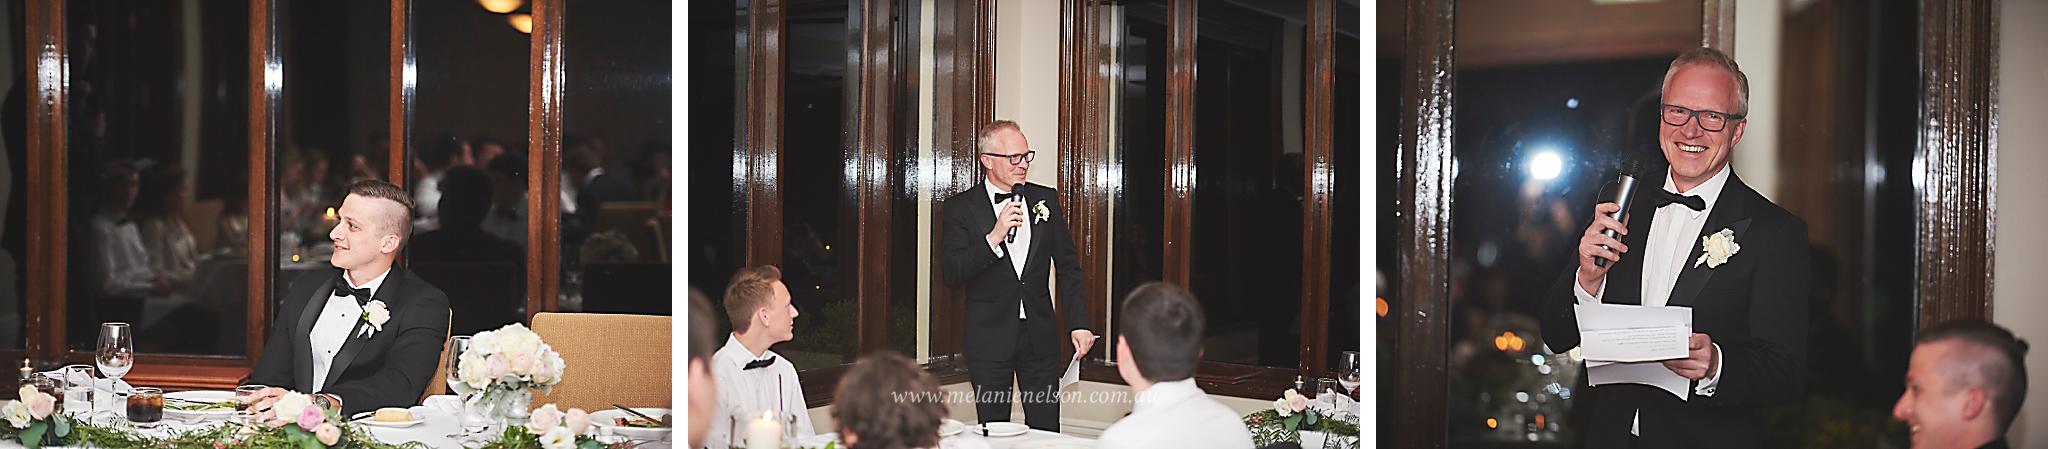 adelaide_hills_wedding_photography_0037.jpg